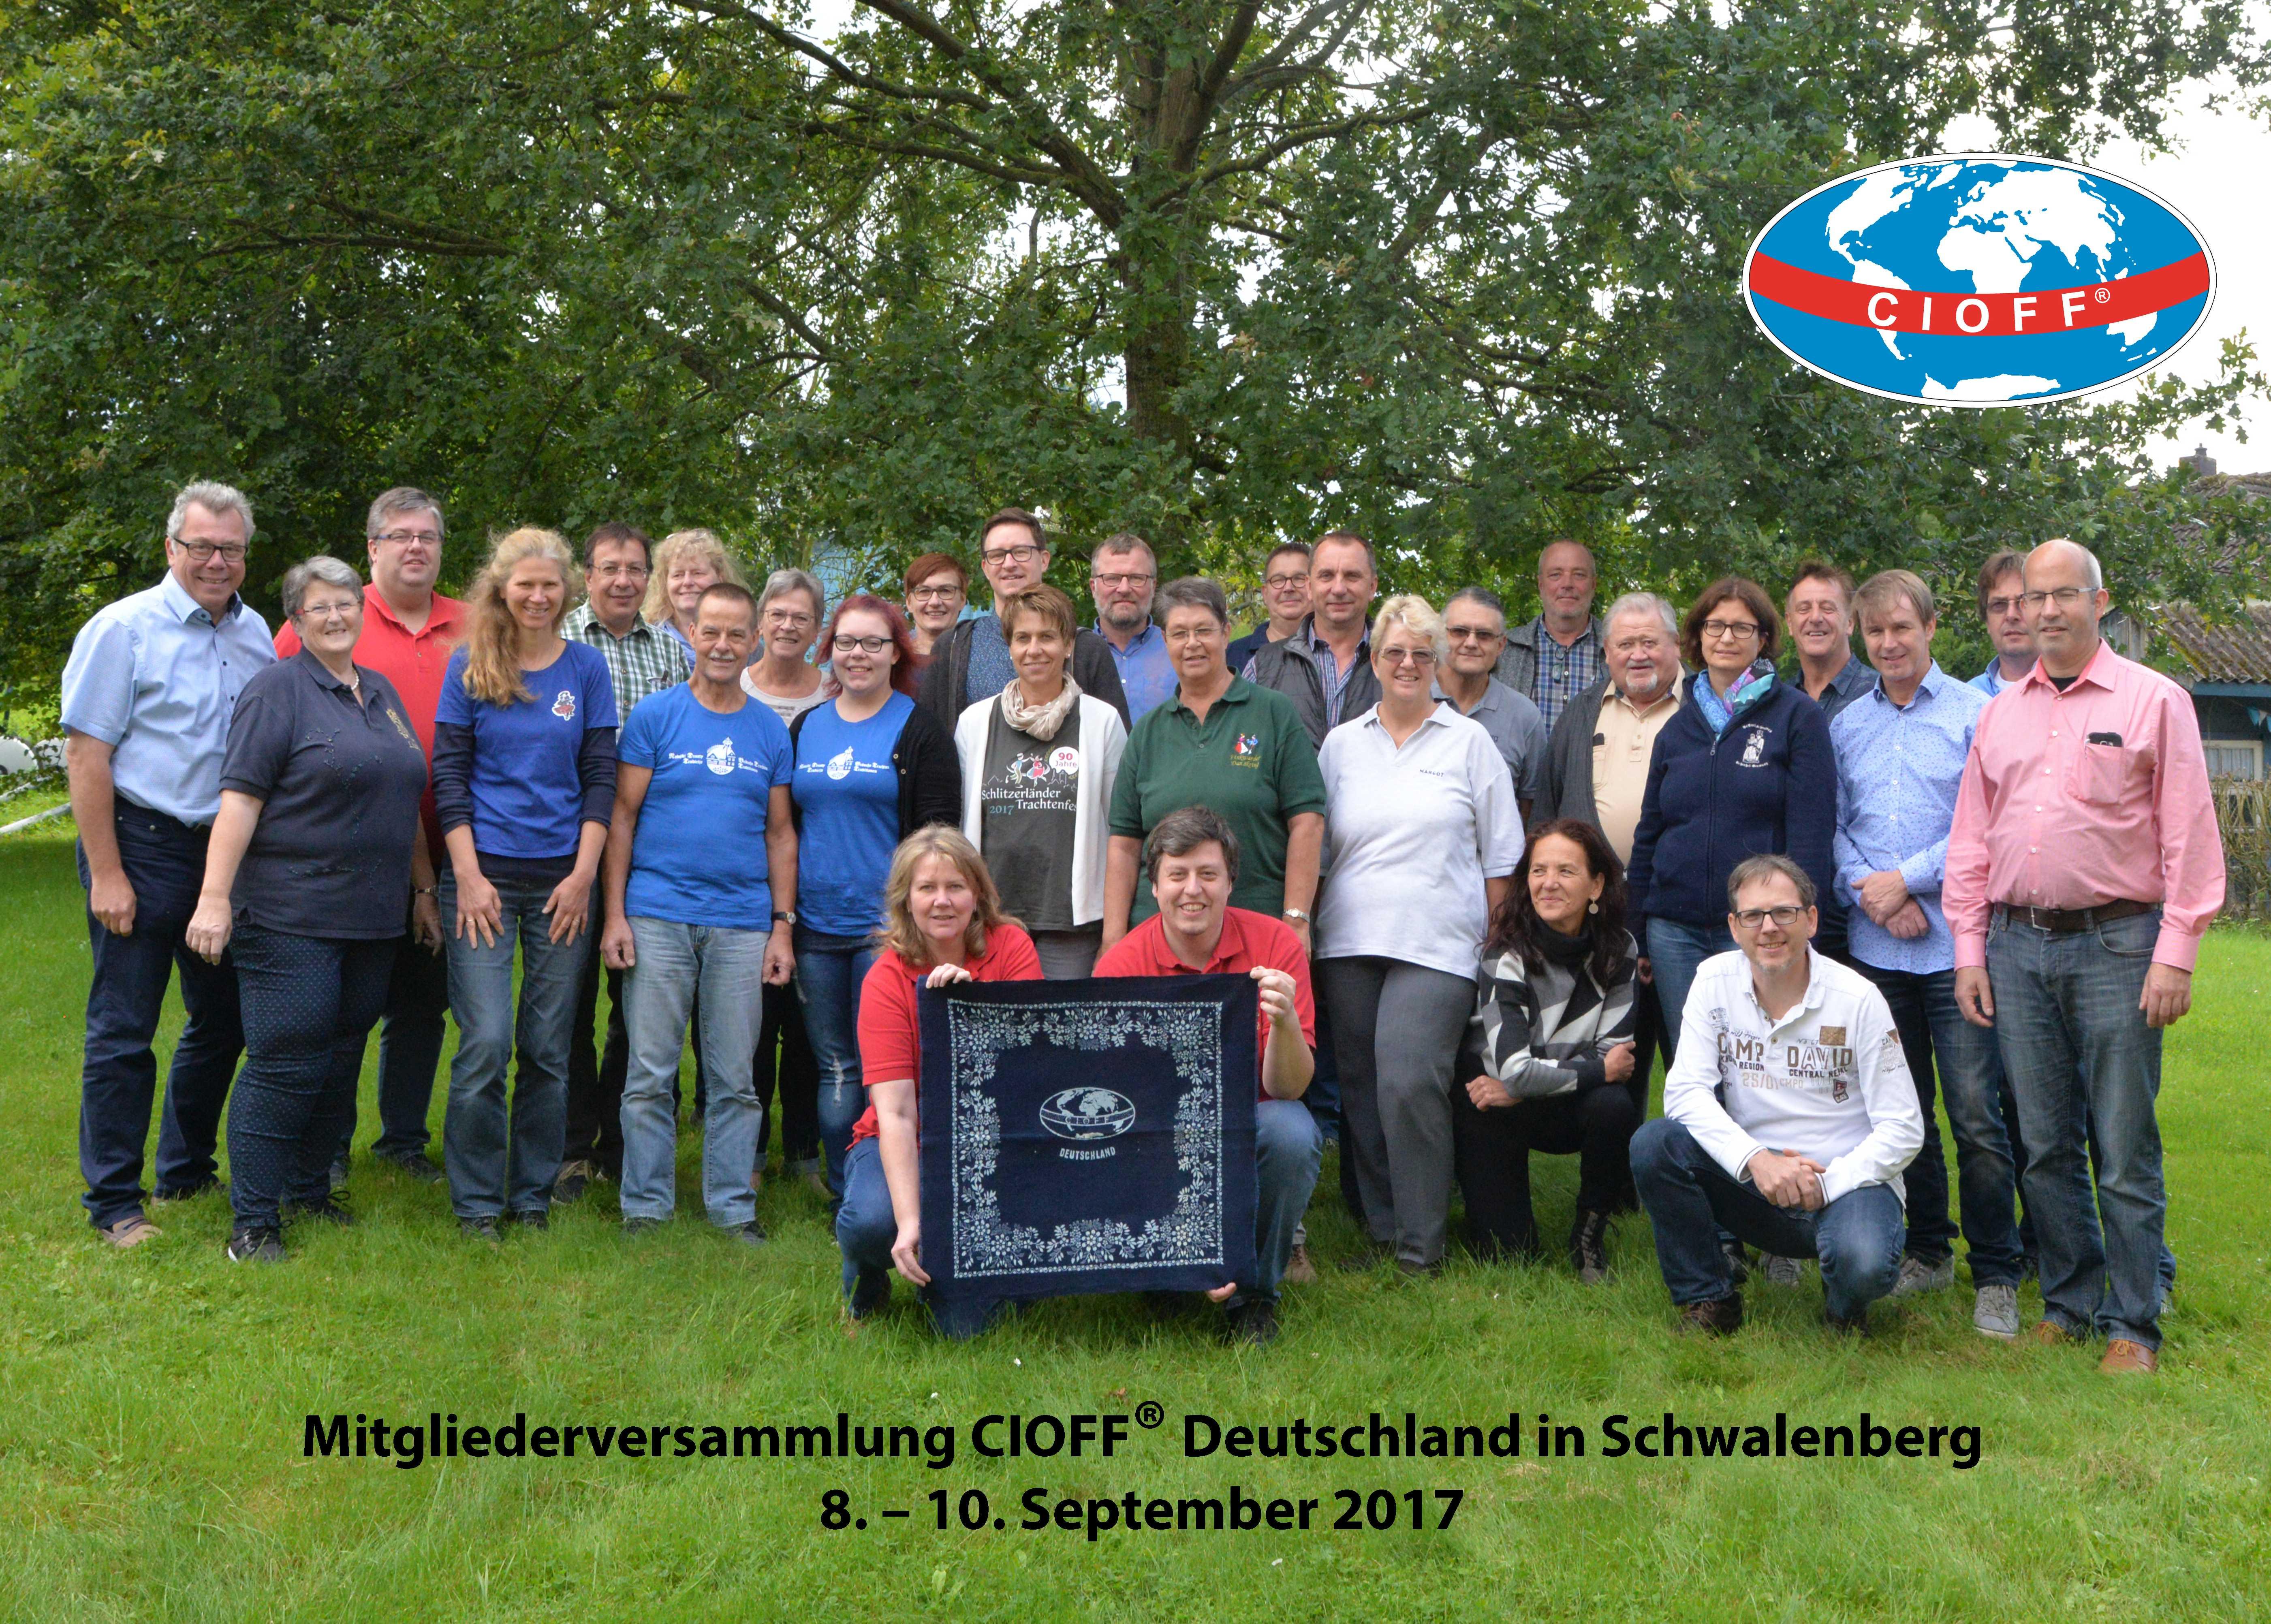 CIOFF® Deutschland zu Gast in Schwalenberg